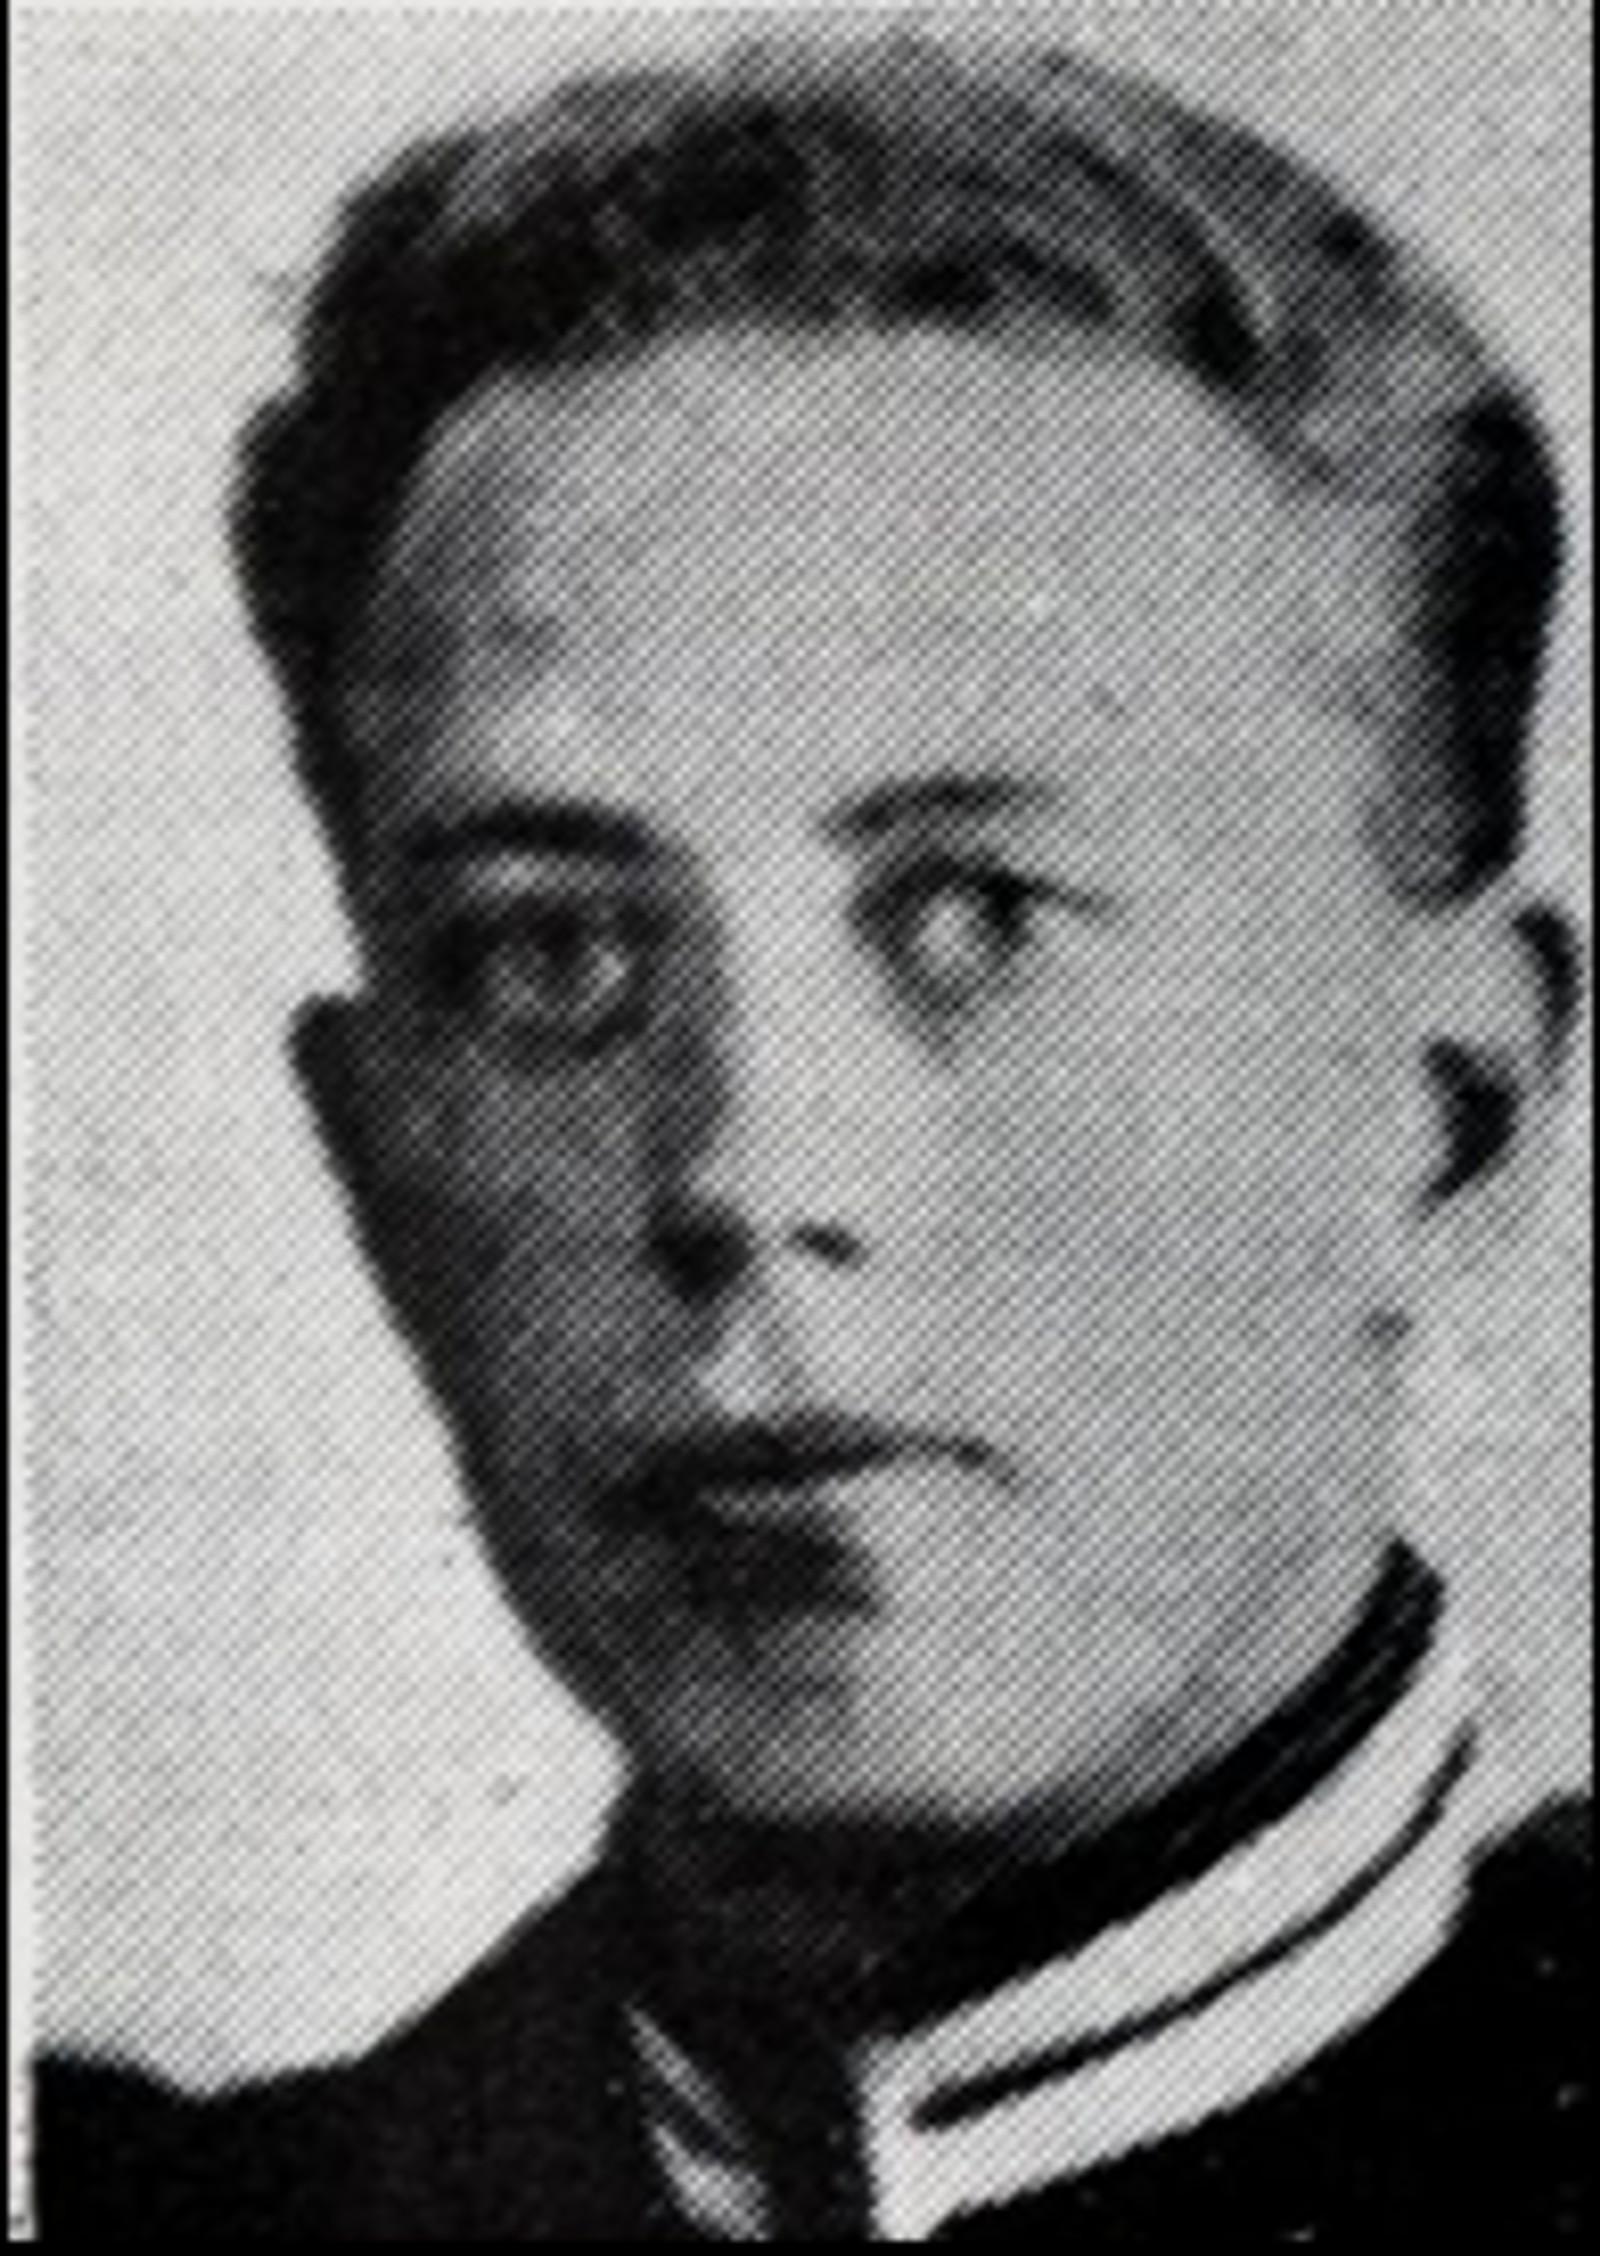 Haakon Svein Ruud: Soldat, kontorist fra Våler. Var soldat og omkom under bombeangrepet.